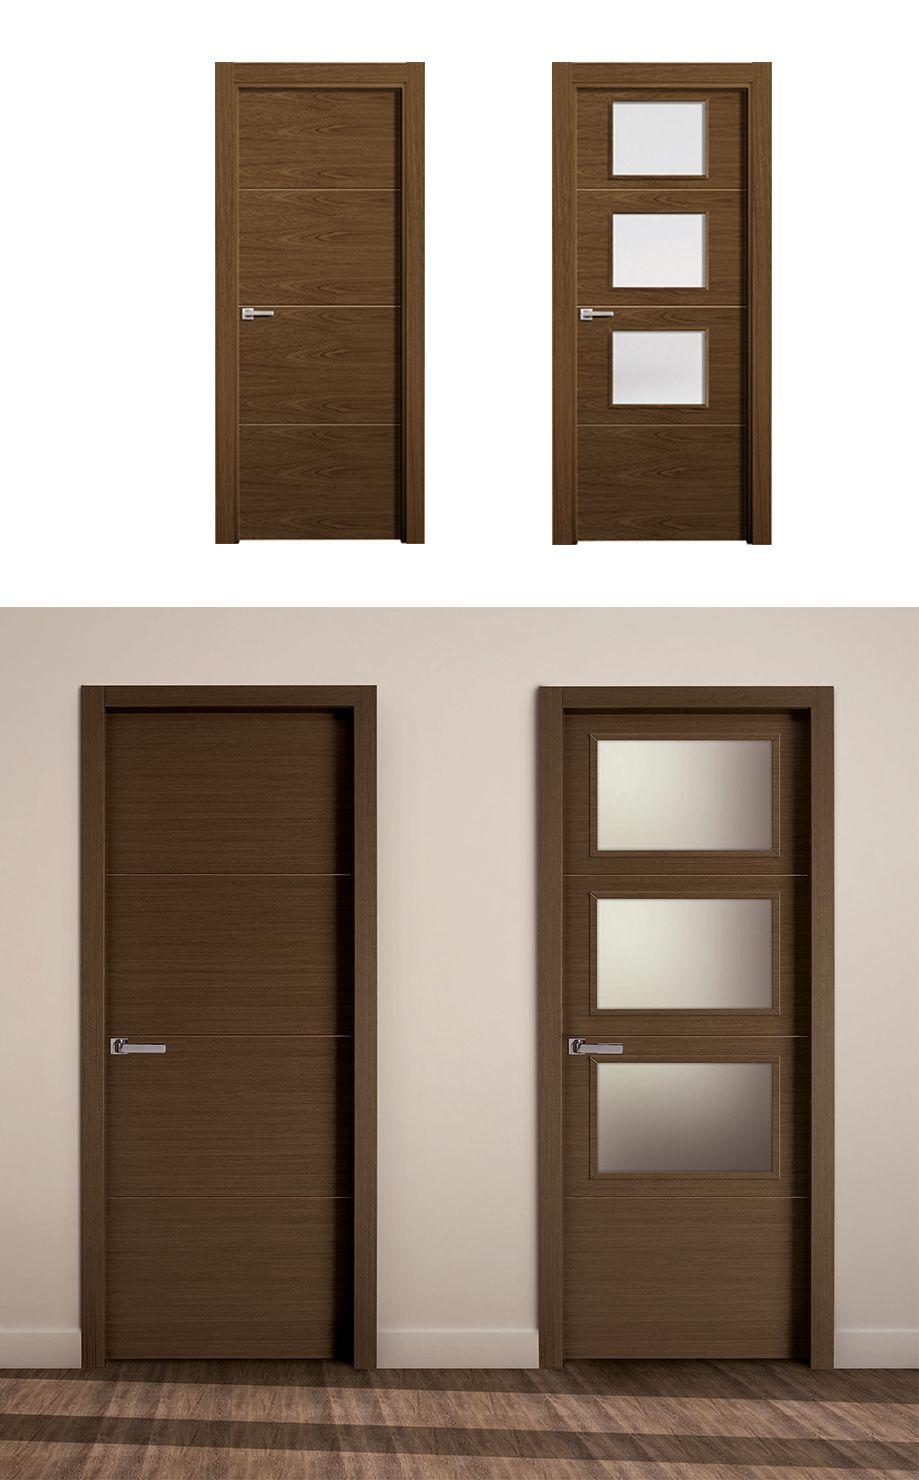 Puerta de interior oscura modelo ganges de la serie for Puertas corredizas